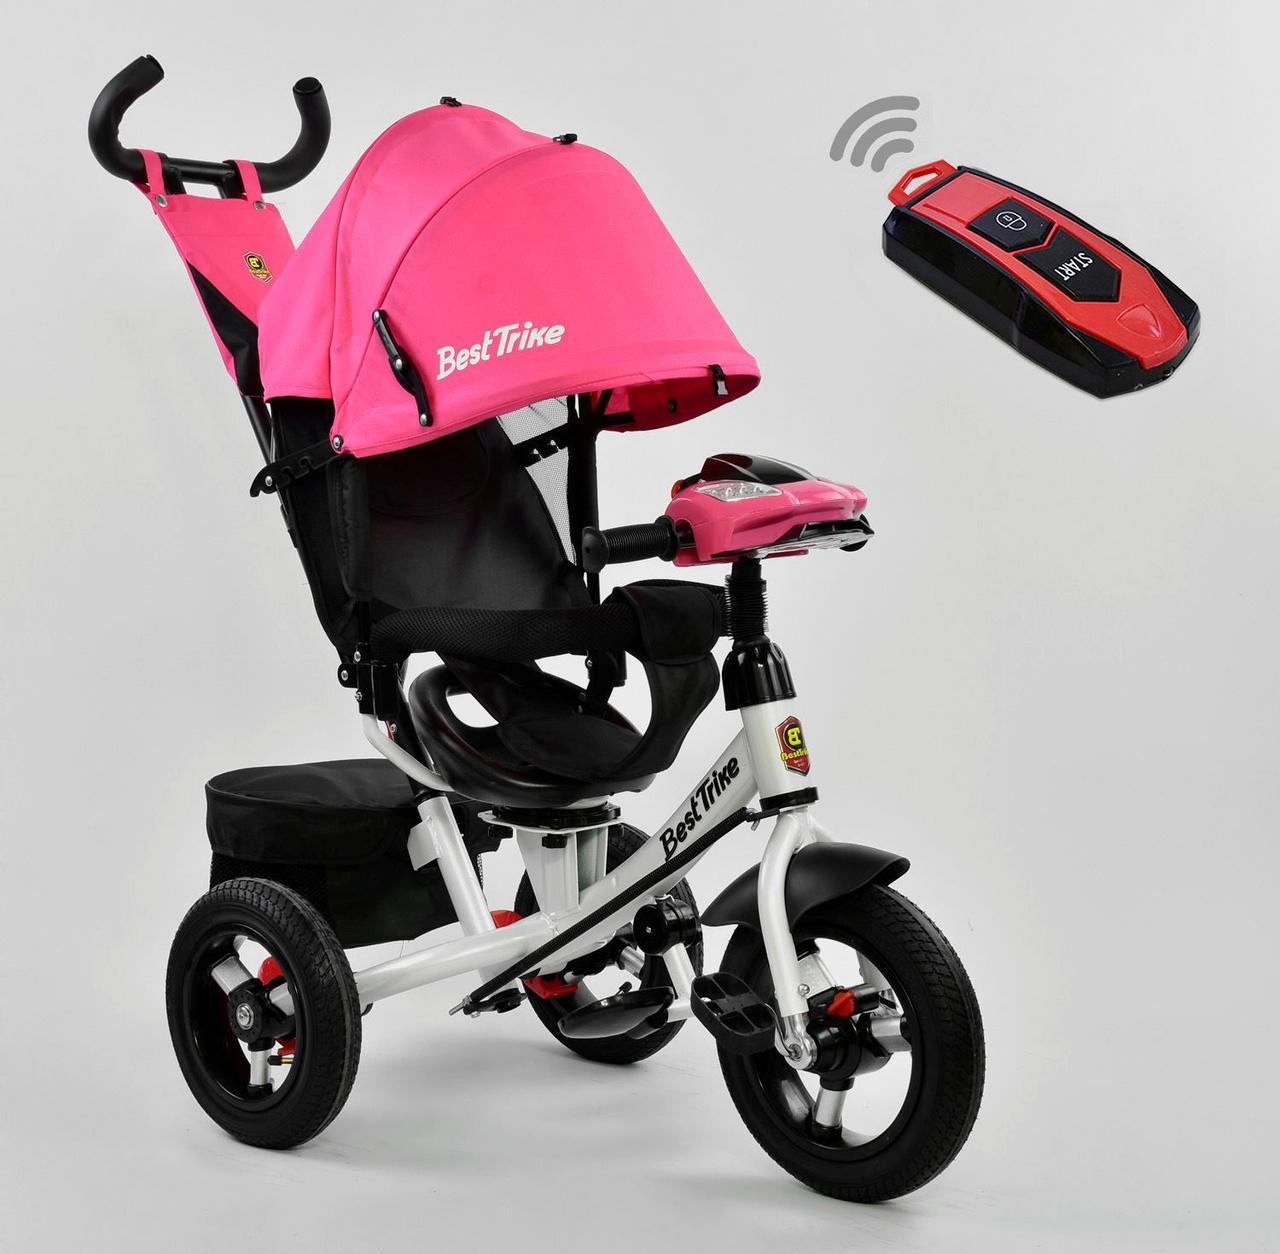 Bелосипед трехколесный Best Trike 7700 В - 5151 с надувными колесами Розовый 75092